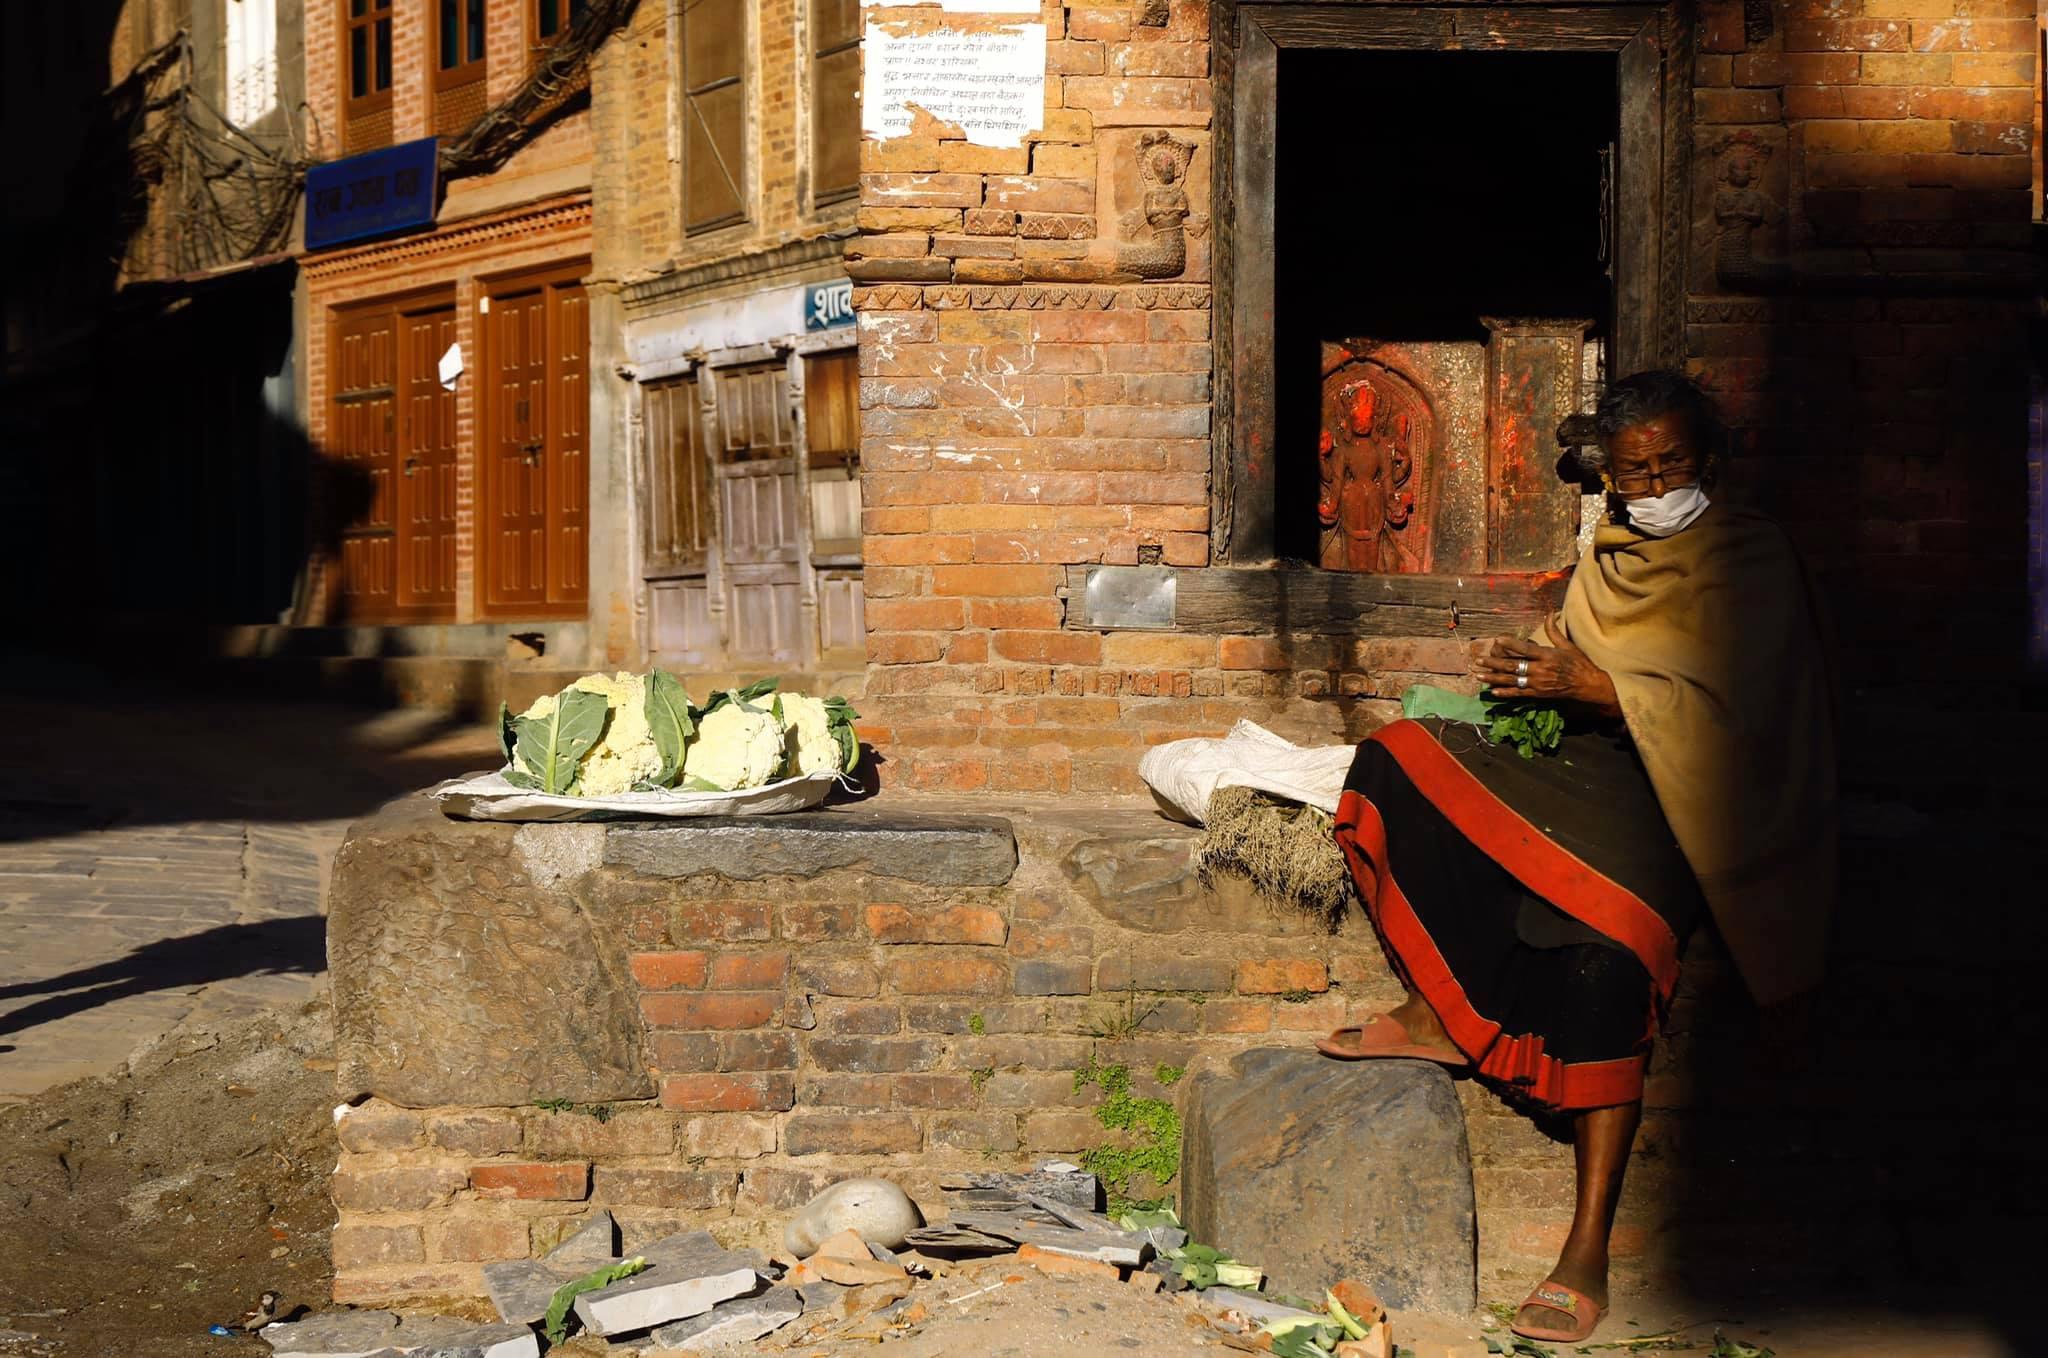 https://www.bhaktapur.com/wp-content/uploads/2020/06/women-selling-vegitables-during-lockdown-Dipendra-Dhungana-1.jpg